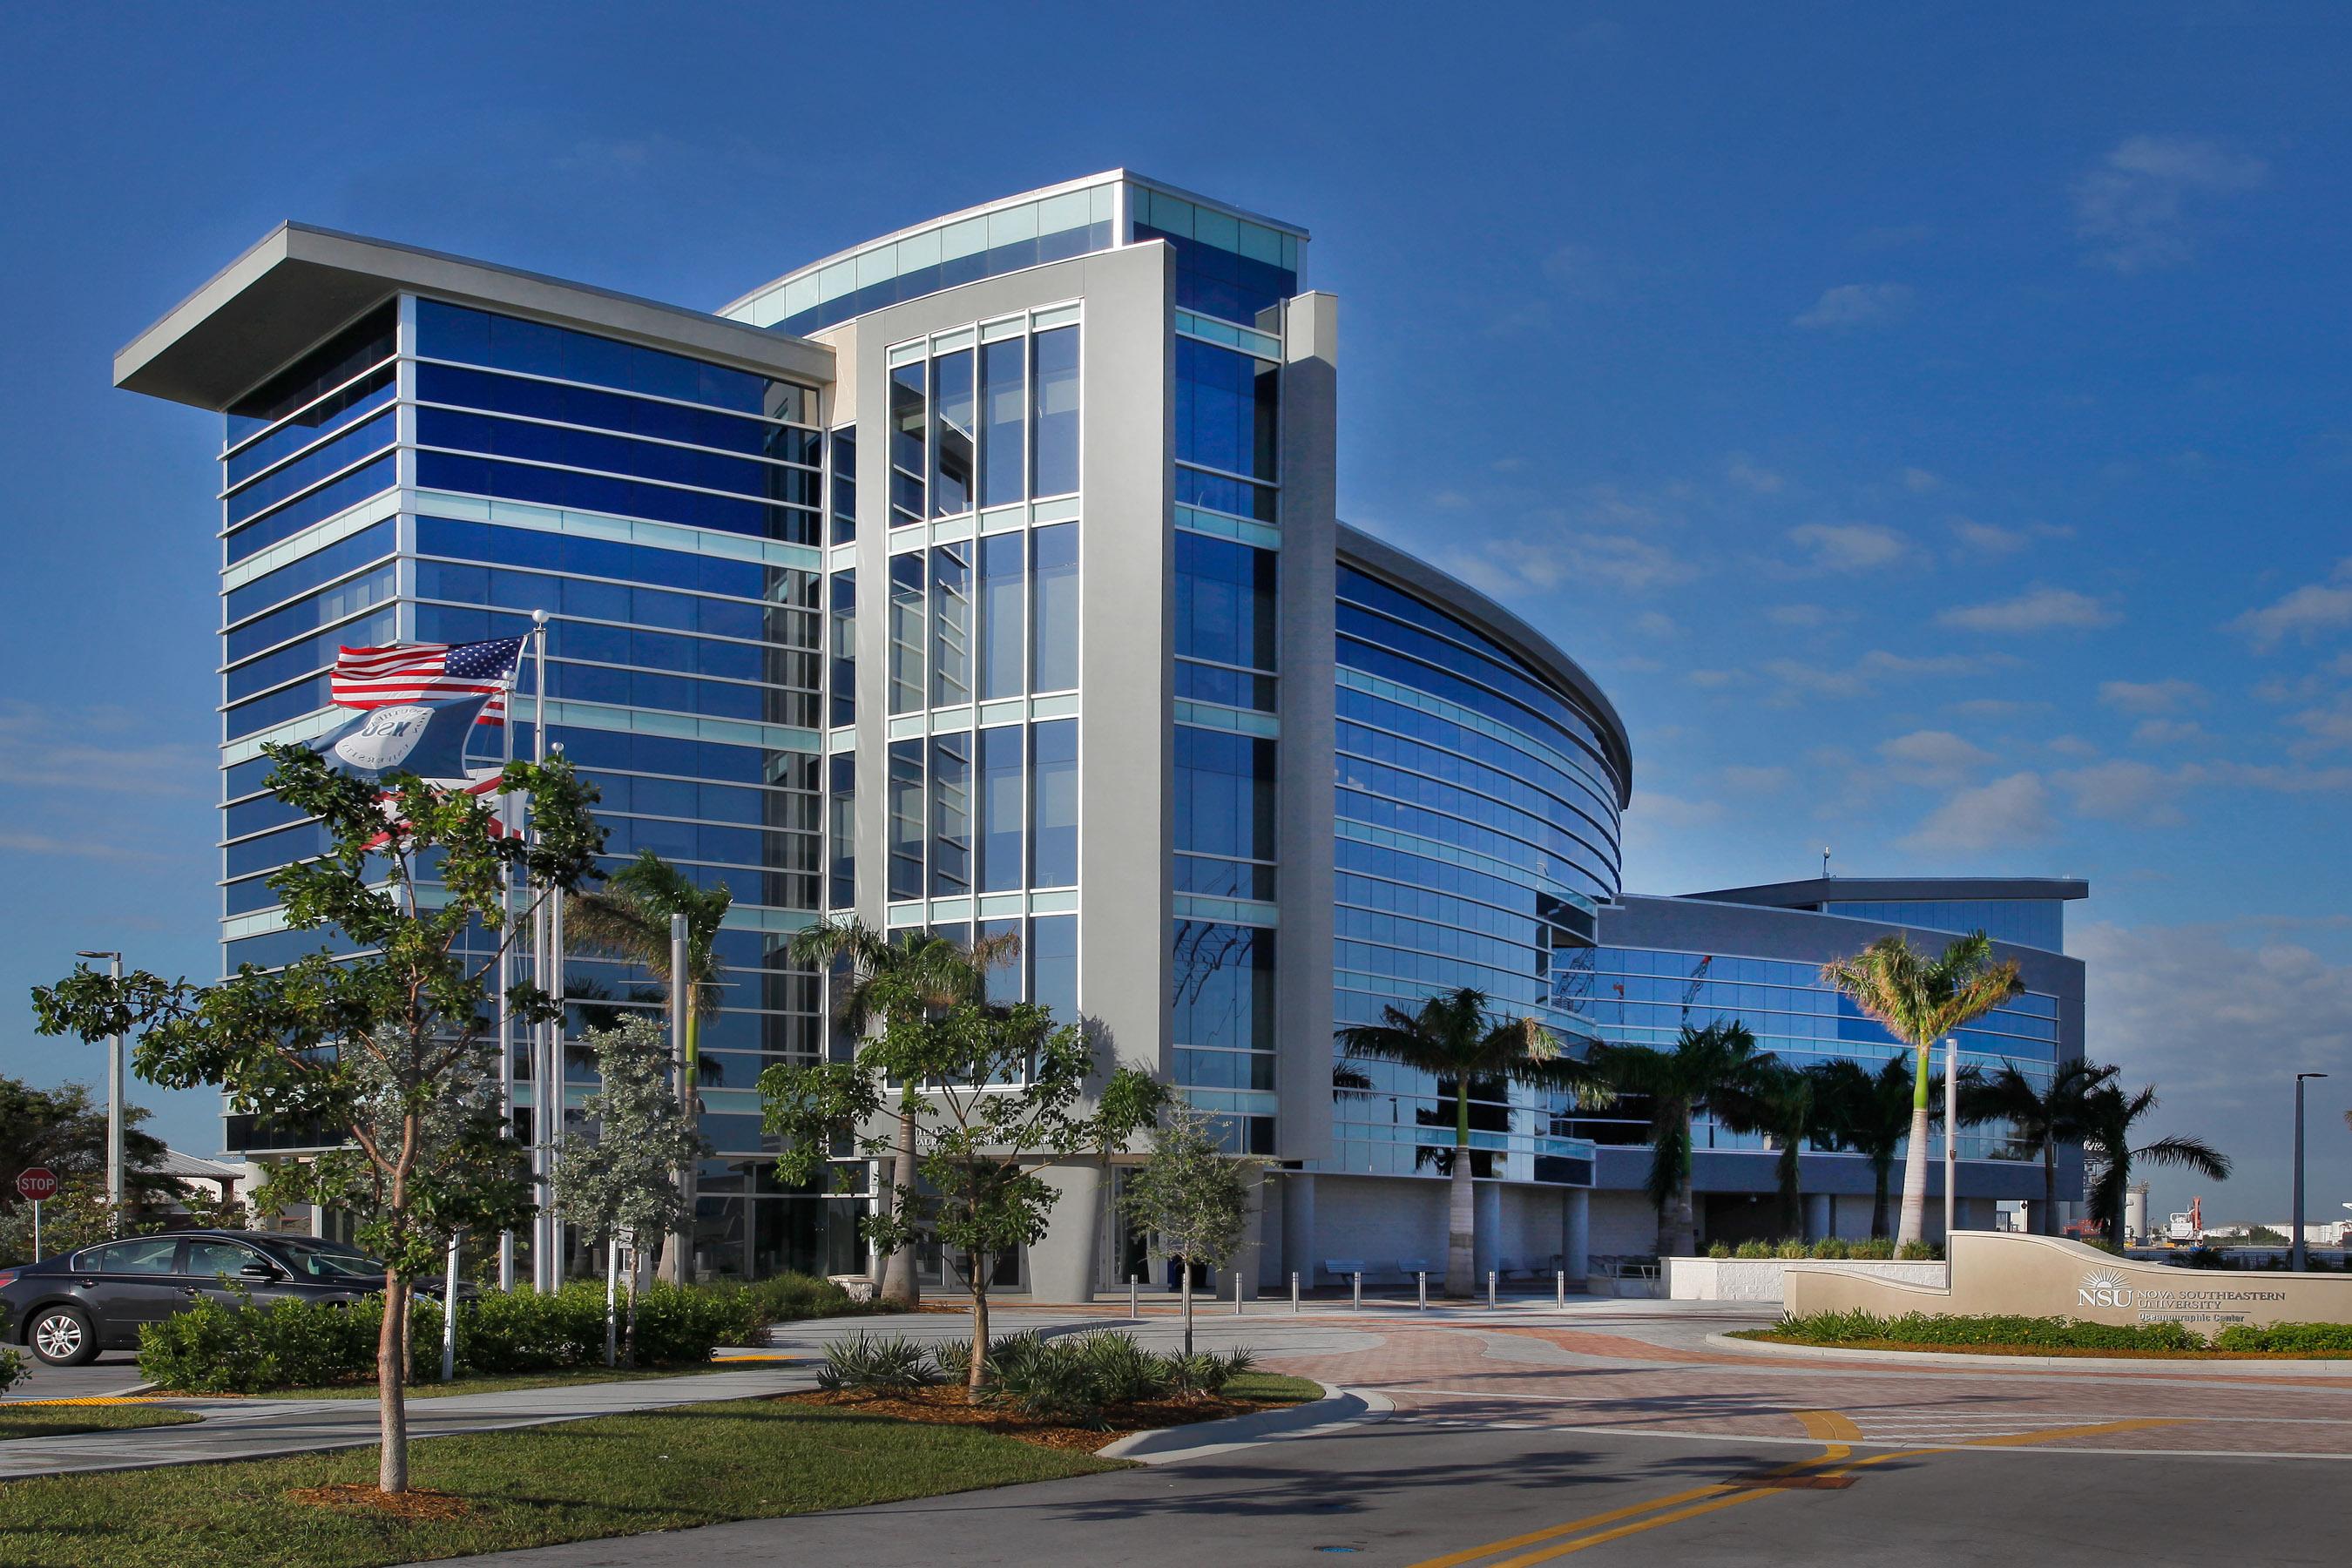 Nova Southeastern University's Guy Harvey Oceanographic Center